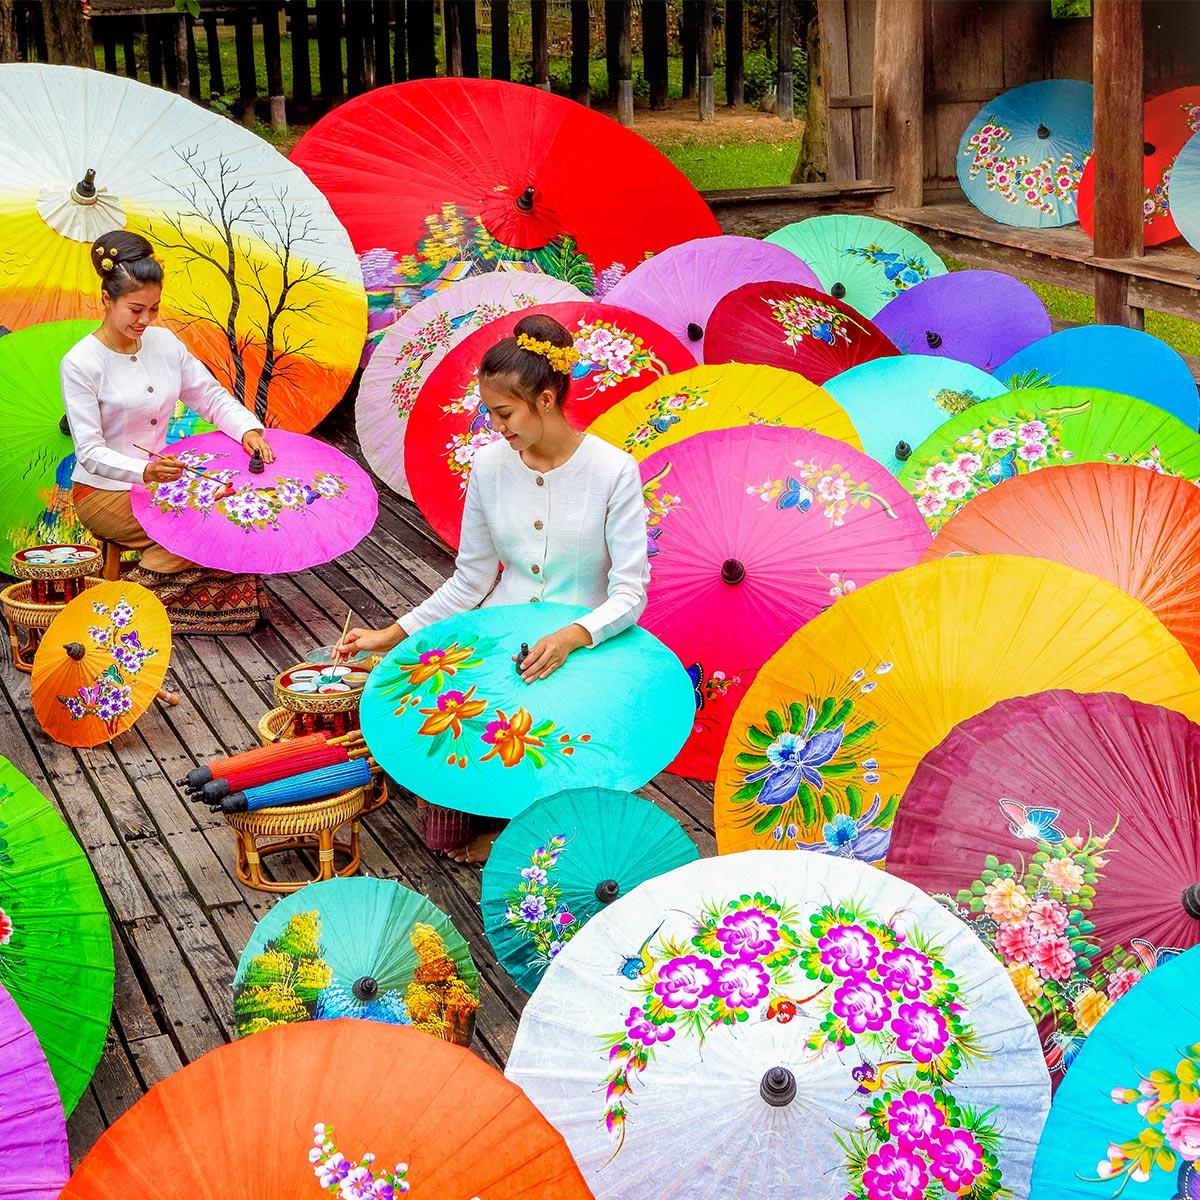 清邁的博桑傘村距離清邁市區約9公里,手工製作的精緻傘面已有超過200年歷史傳承。圖:翻攝自泰國觀光局網站